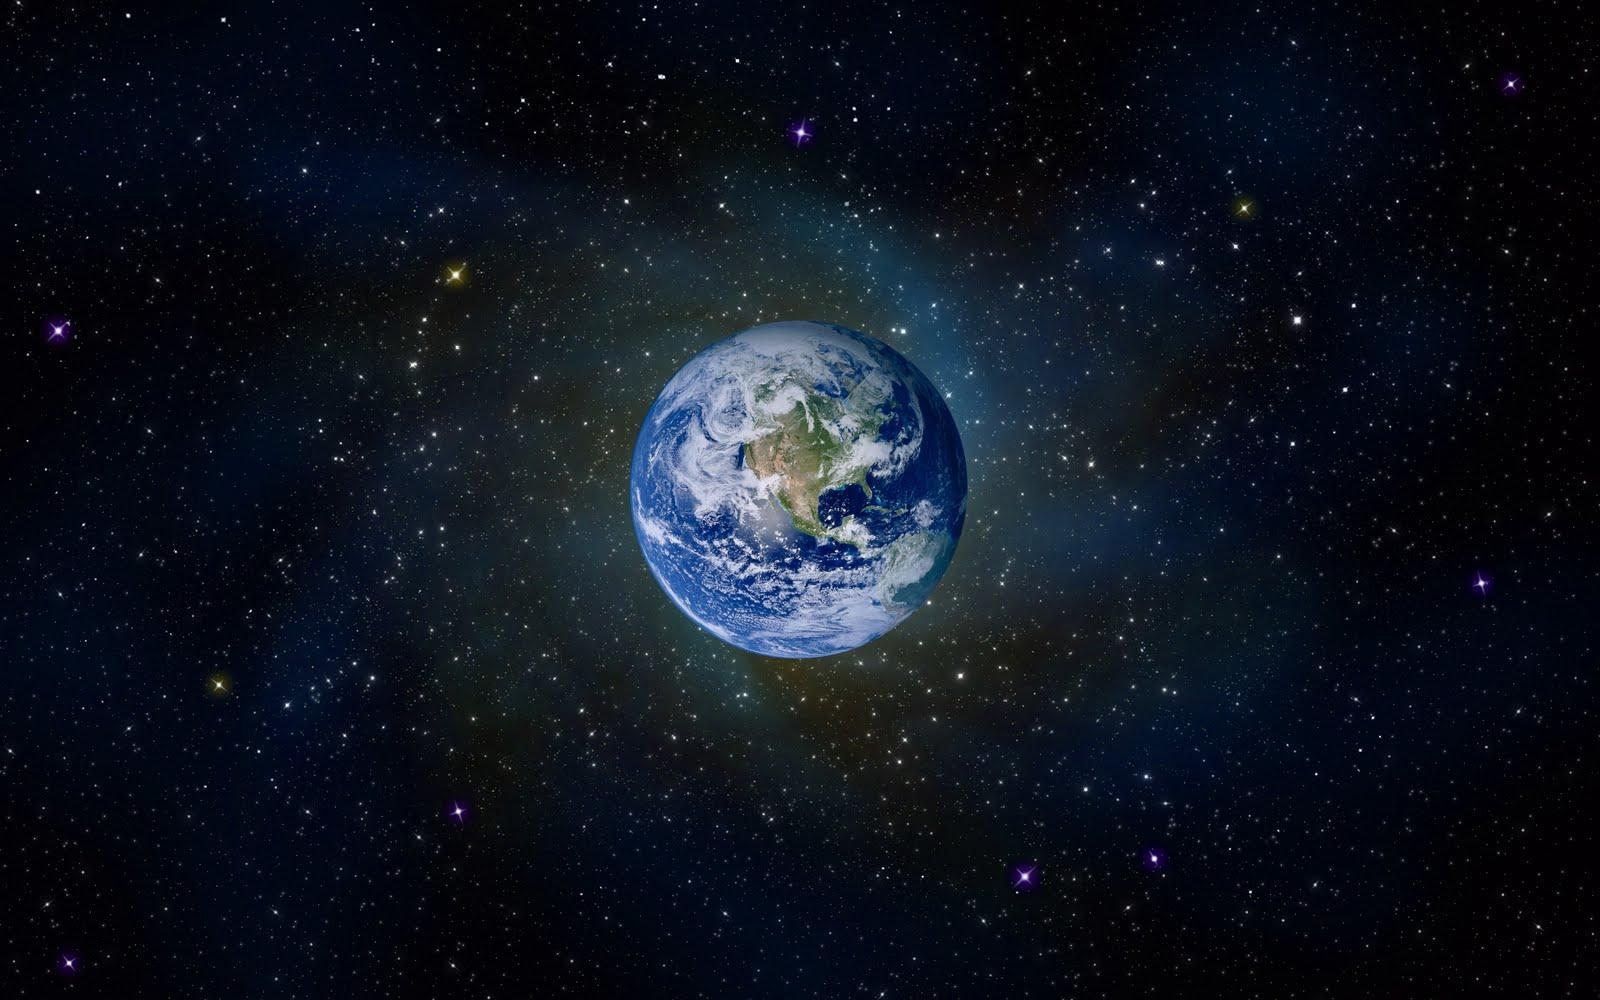 Sfondi hd spazio immagini terra sfondi hd gratis for Sfondi hd spazio